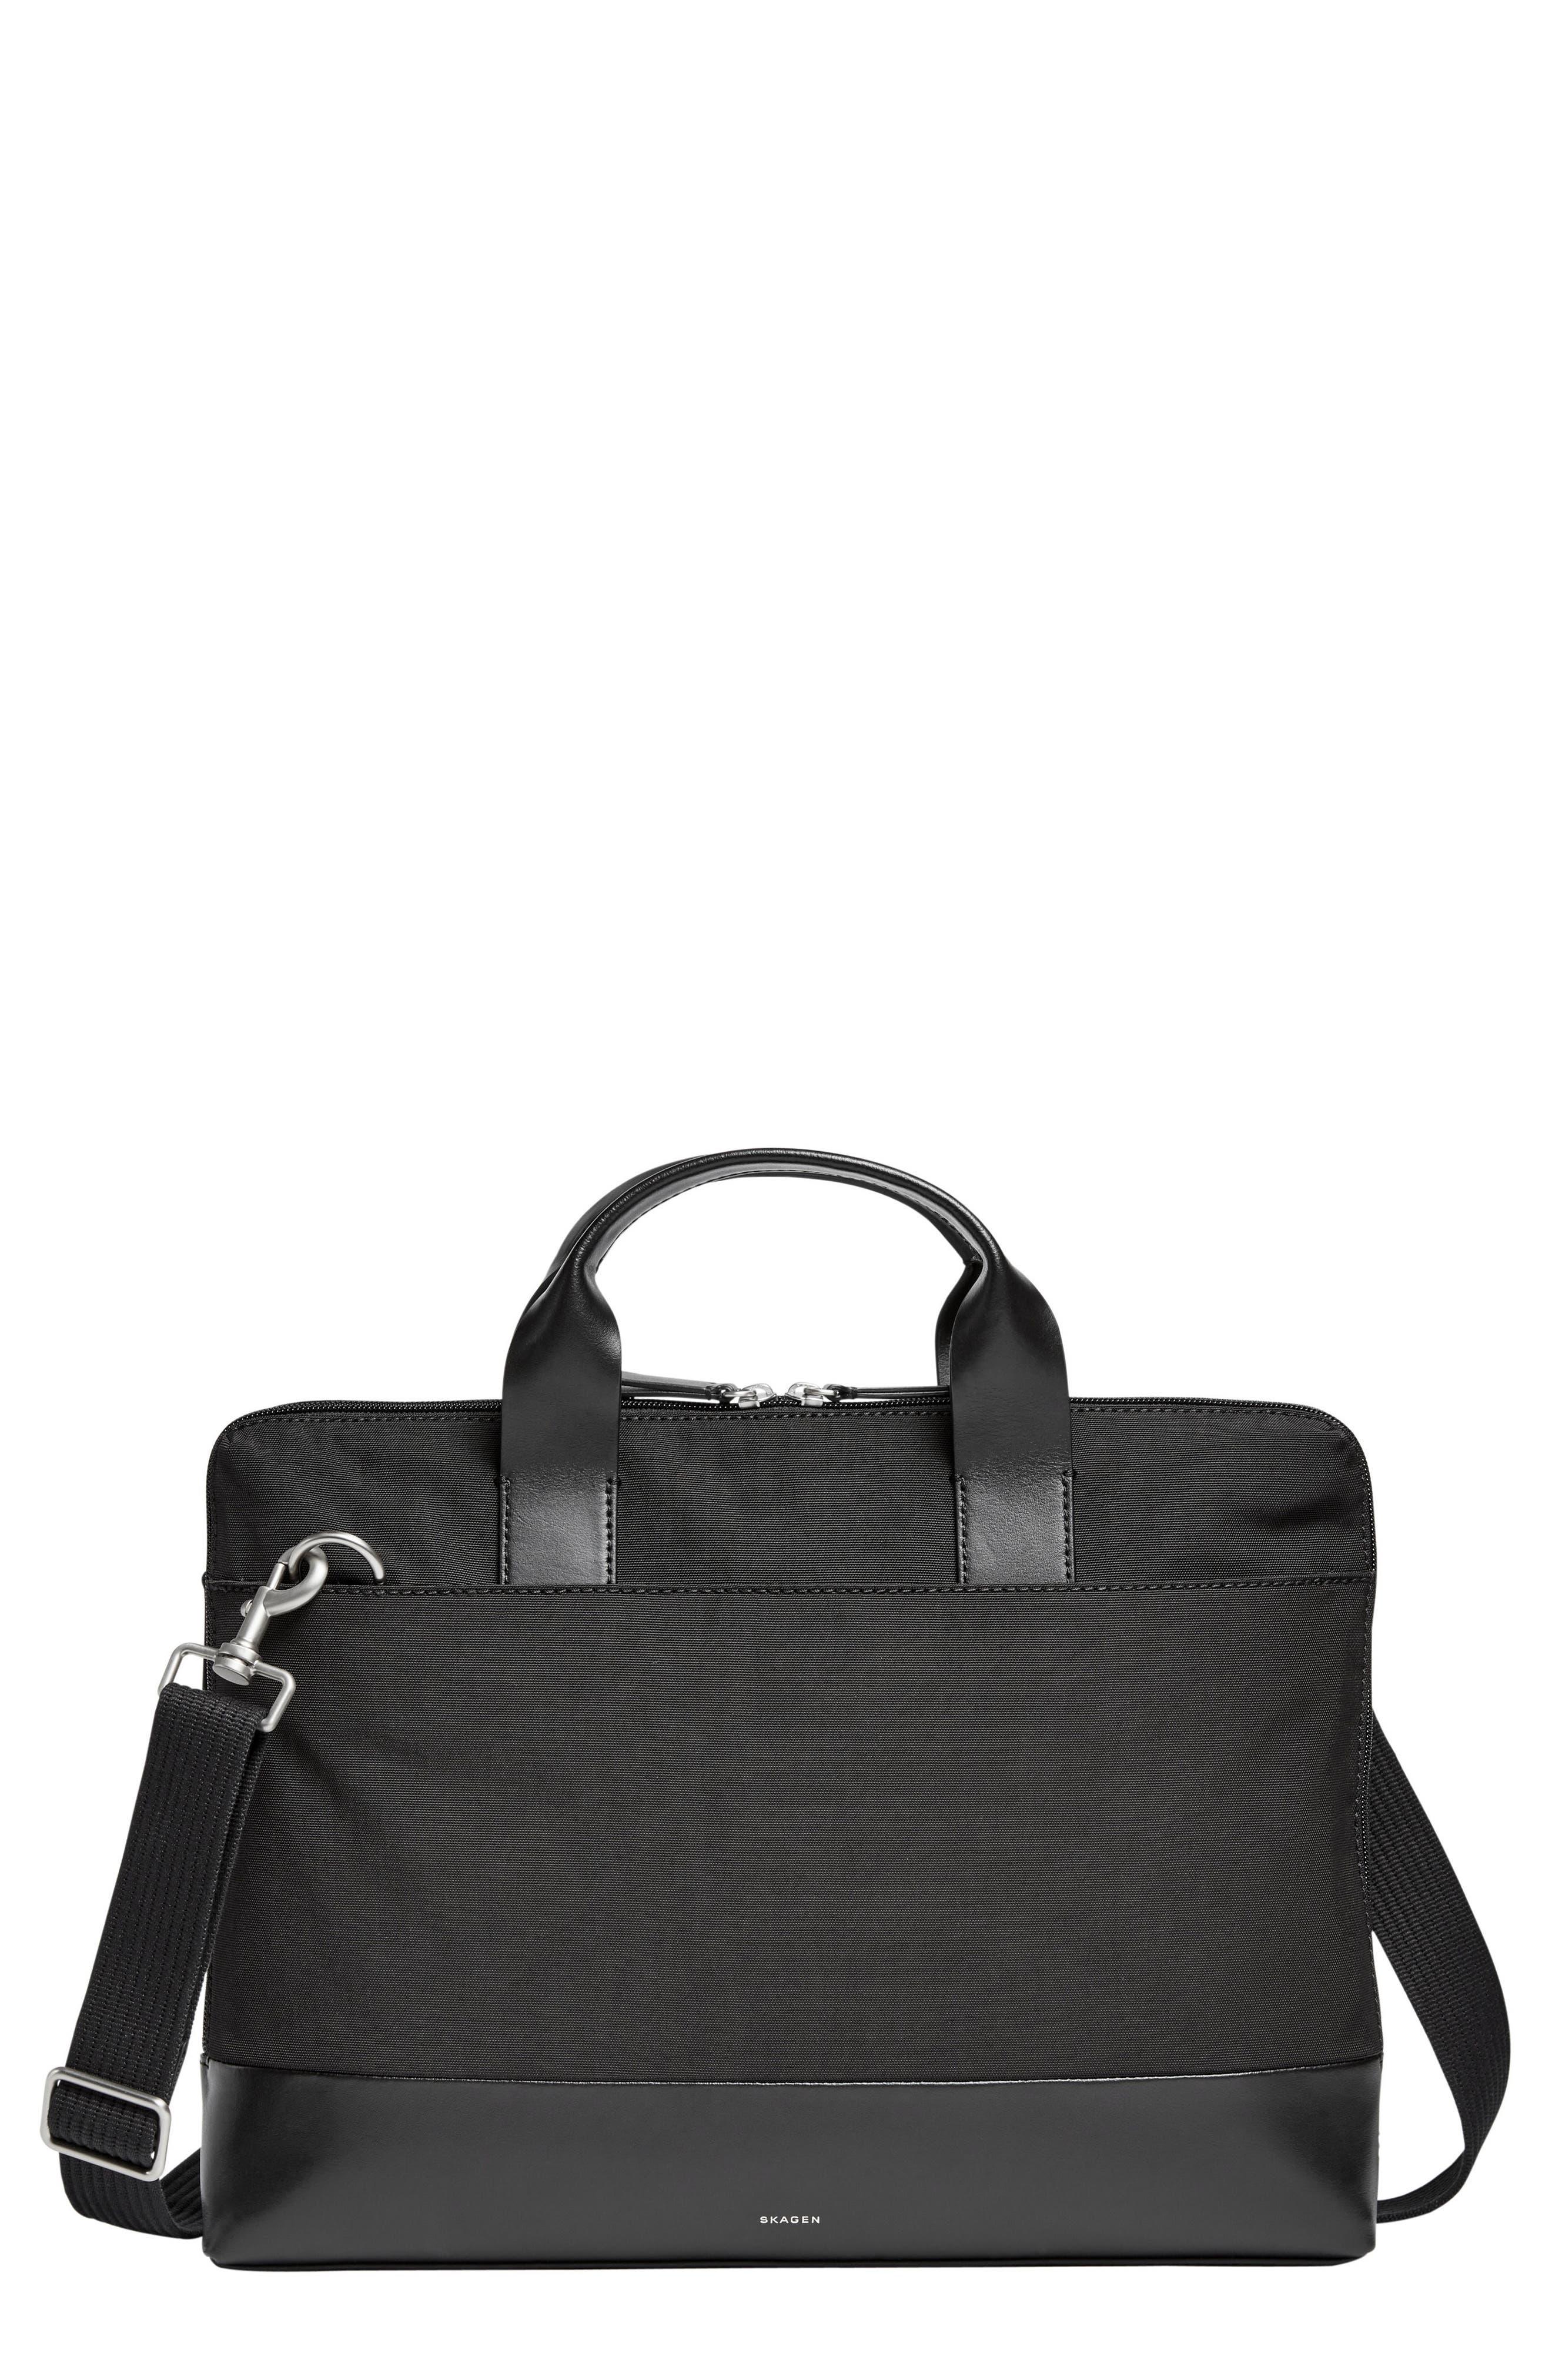 Peder Briefcase,                         Main,                         color, Black